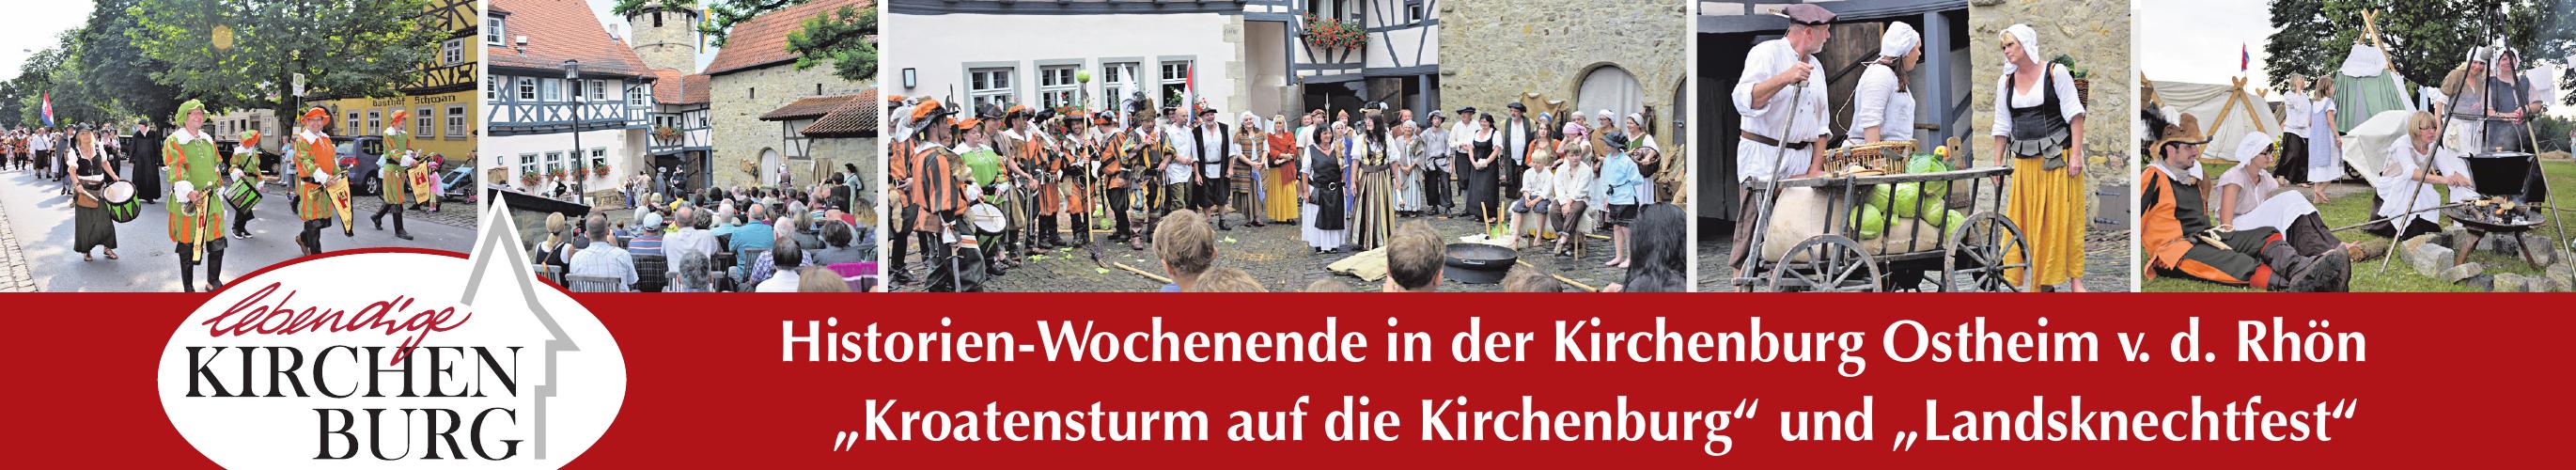 Historien-Wochenende in der Kirchenburg Ostheim v. d. Rhön Image 1